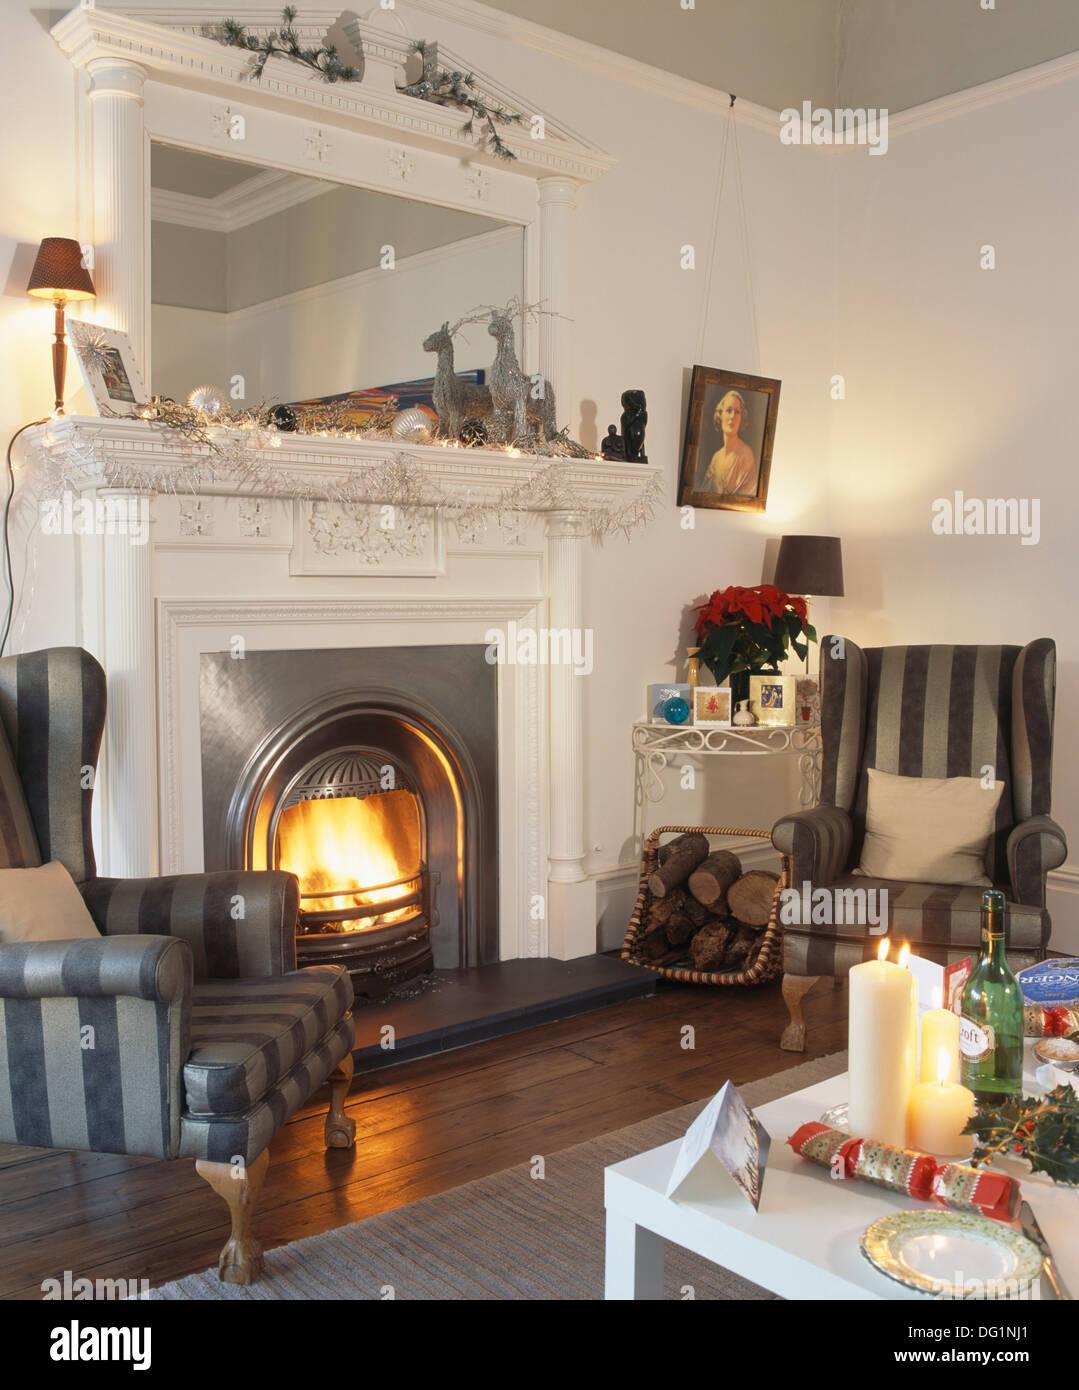 Grau Gestreift Ohrensessel Auf Beiden Seiten Des Kamins Unter Großer Spiegel  Im Stadthaus Wohnzimmer Dekoriert Für Weihnachten